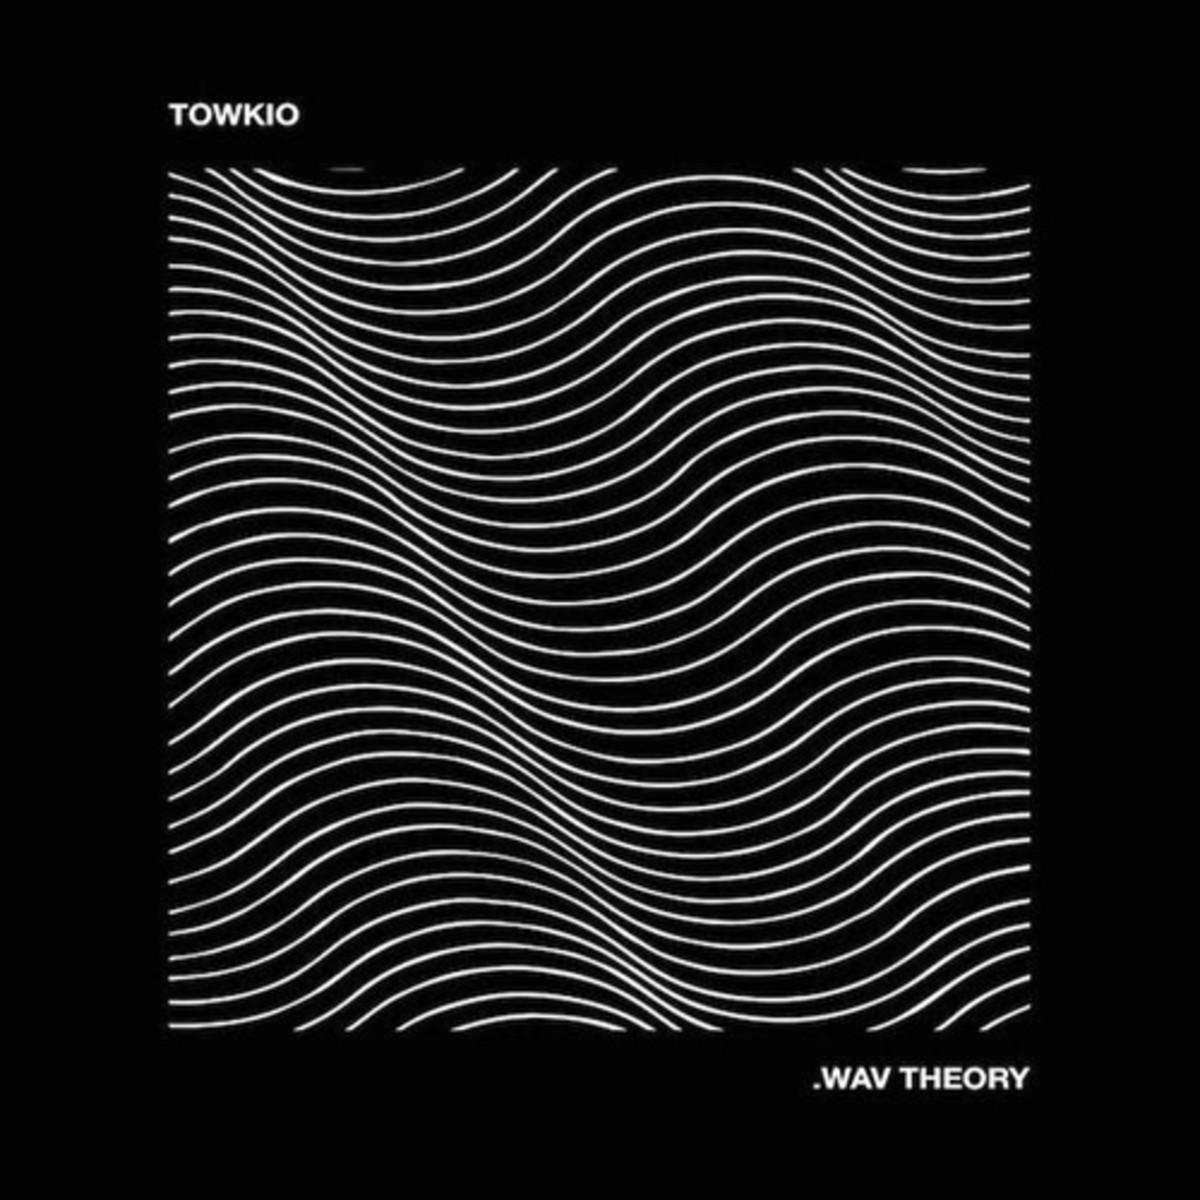 towkio-wav-theory.jpg